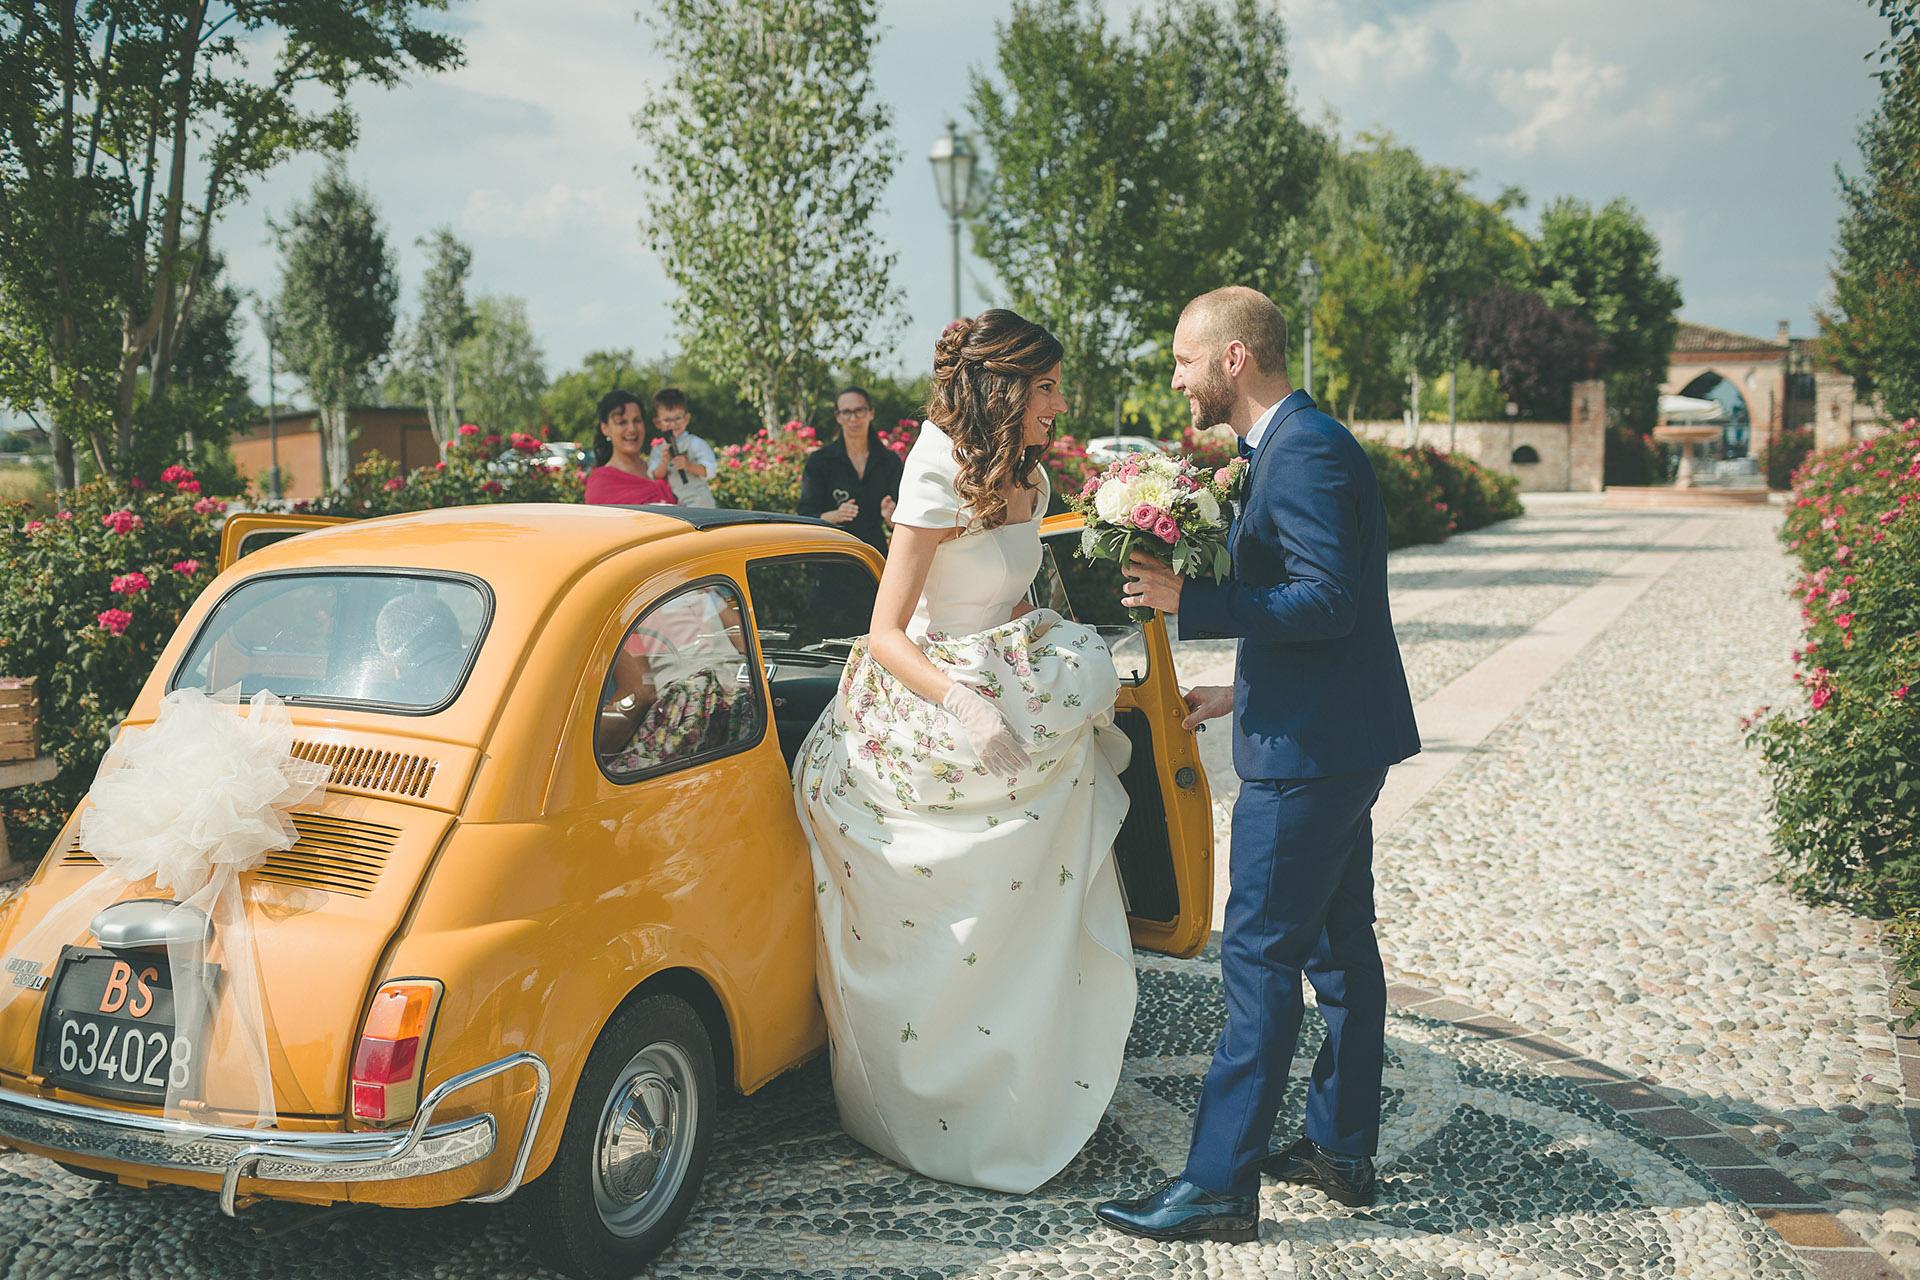 Matrimonio Ilaria & Luca a Corte Cola, Castiglione delle Stiviere (MN) - L'Uomo Griffe Boutique